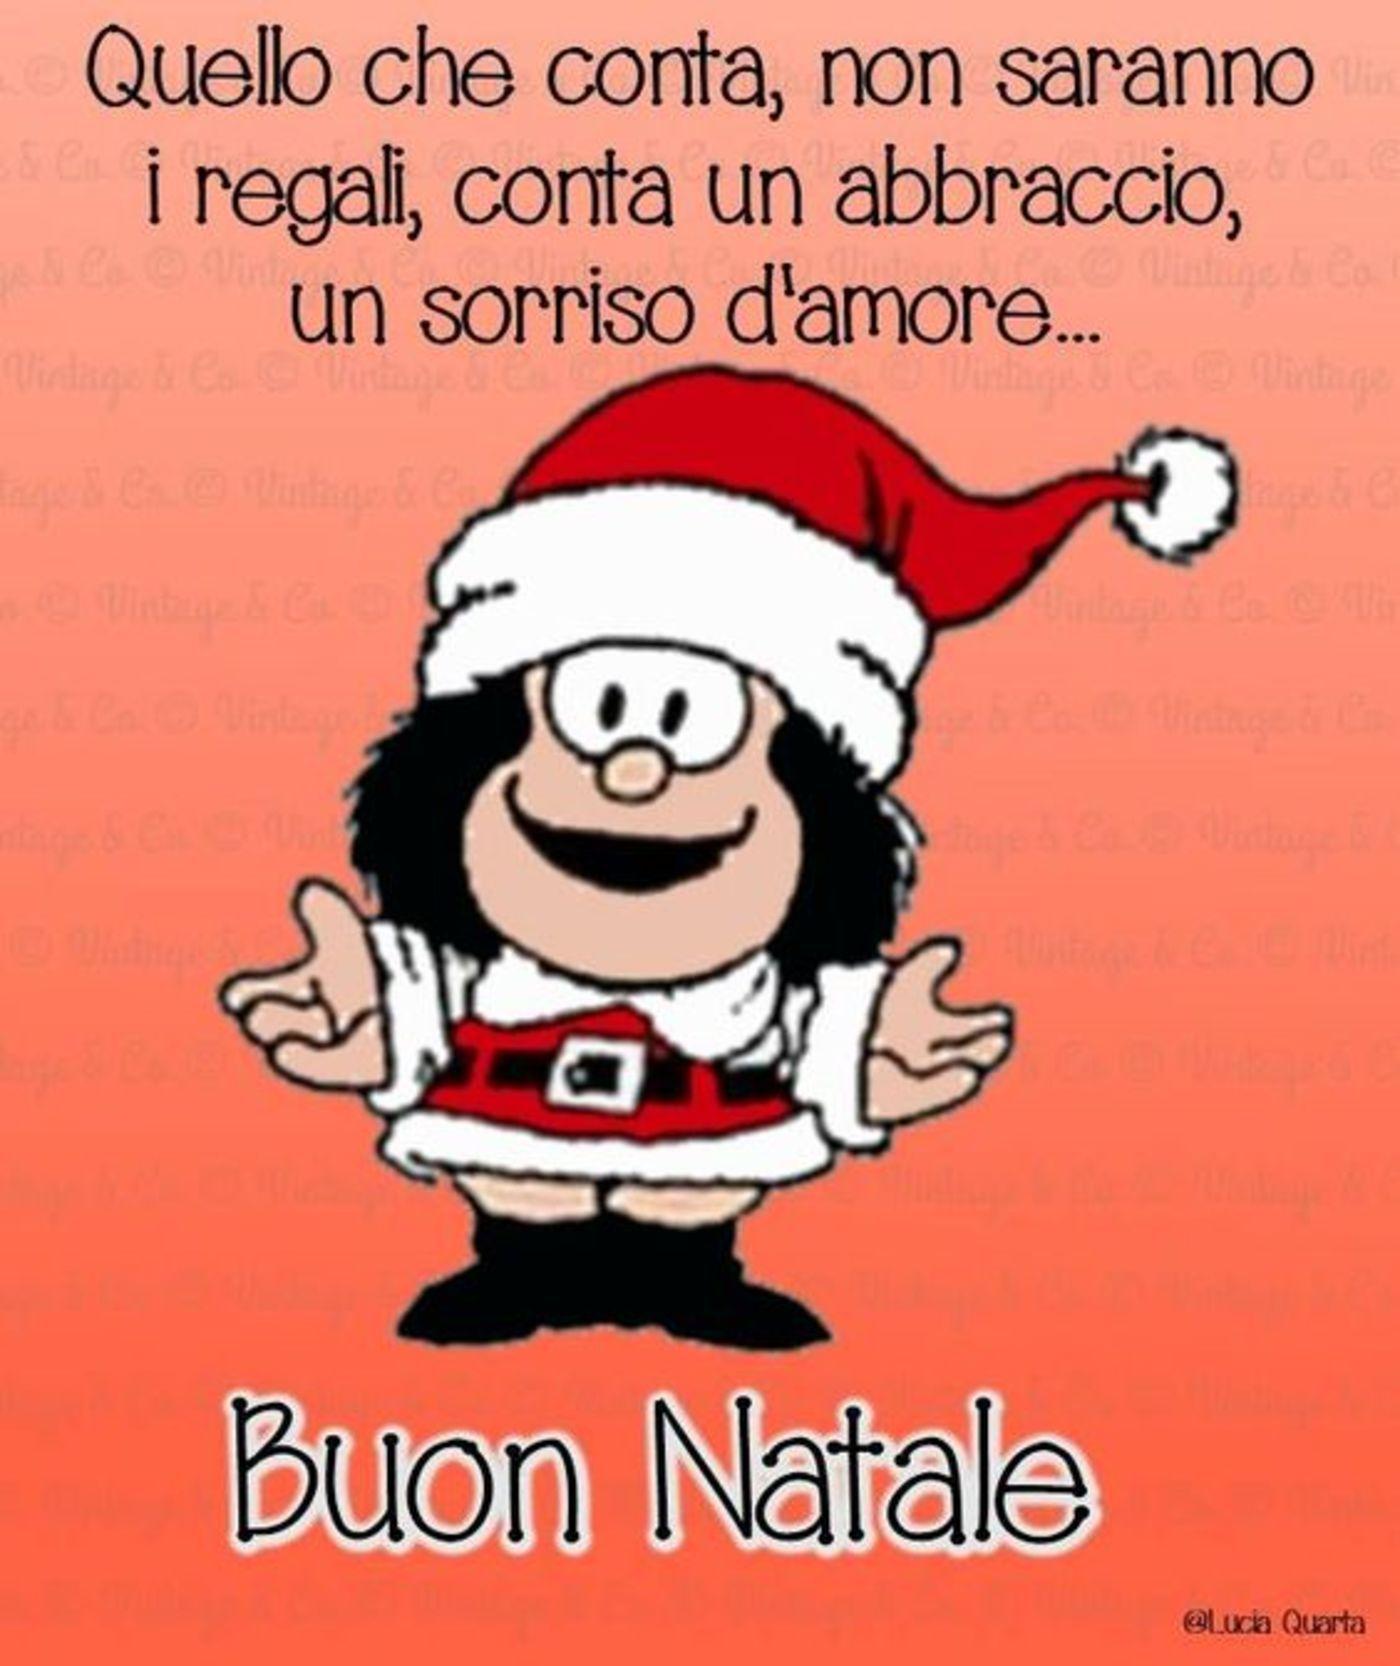 Immagini Stupide Di Natale.Buon Natale Immagini Divertenti Auguri Di Buon Natale